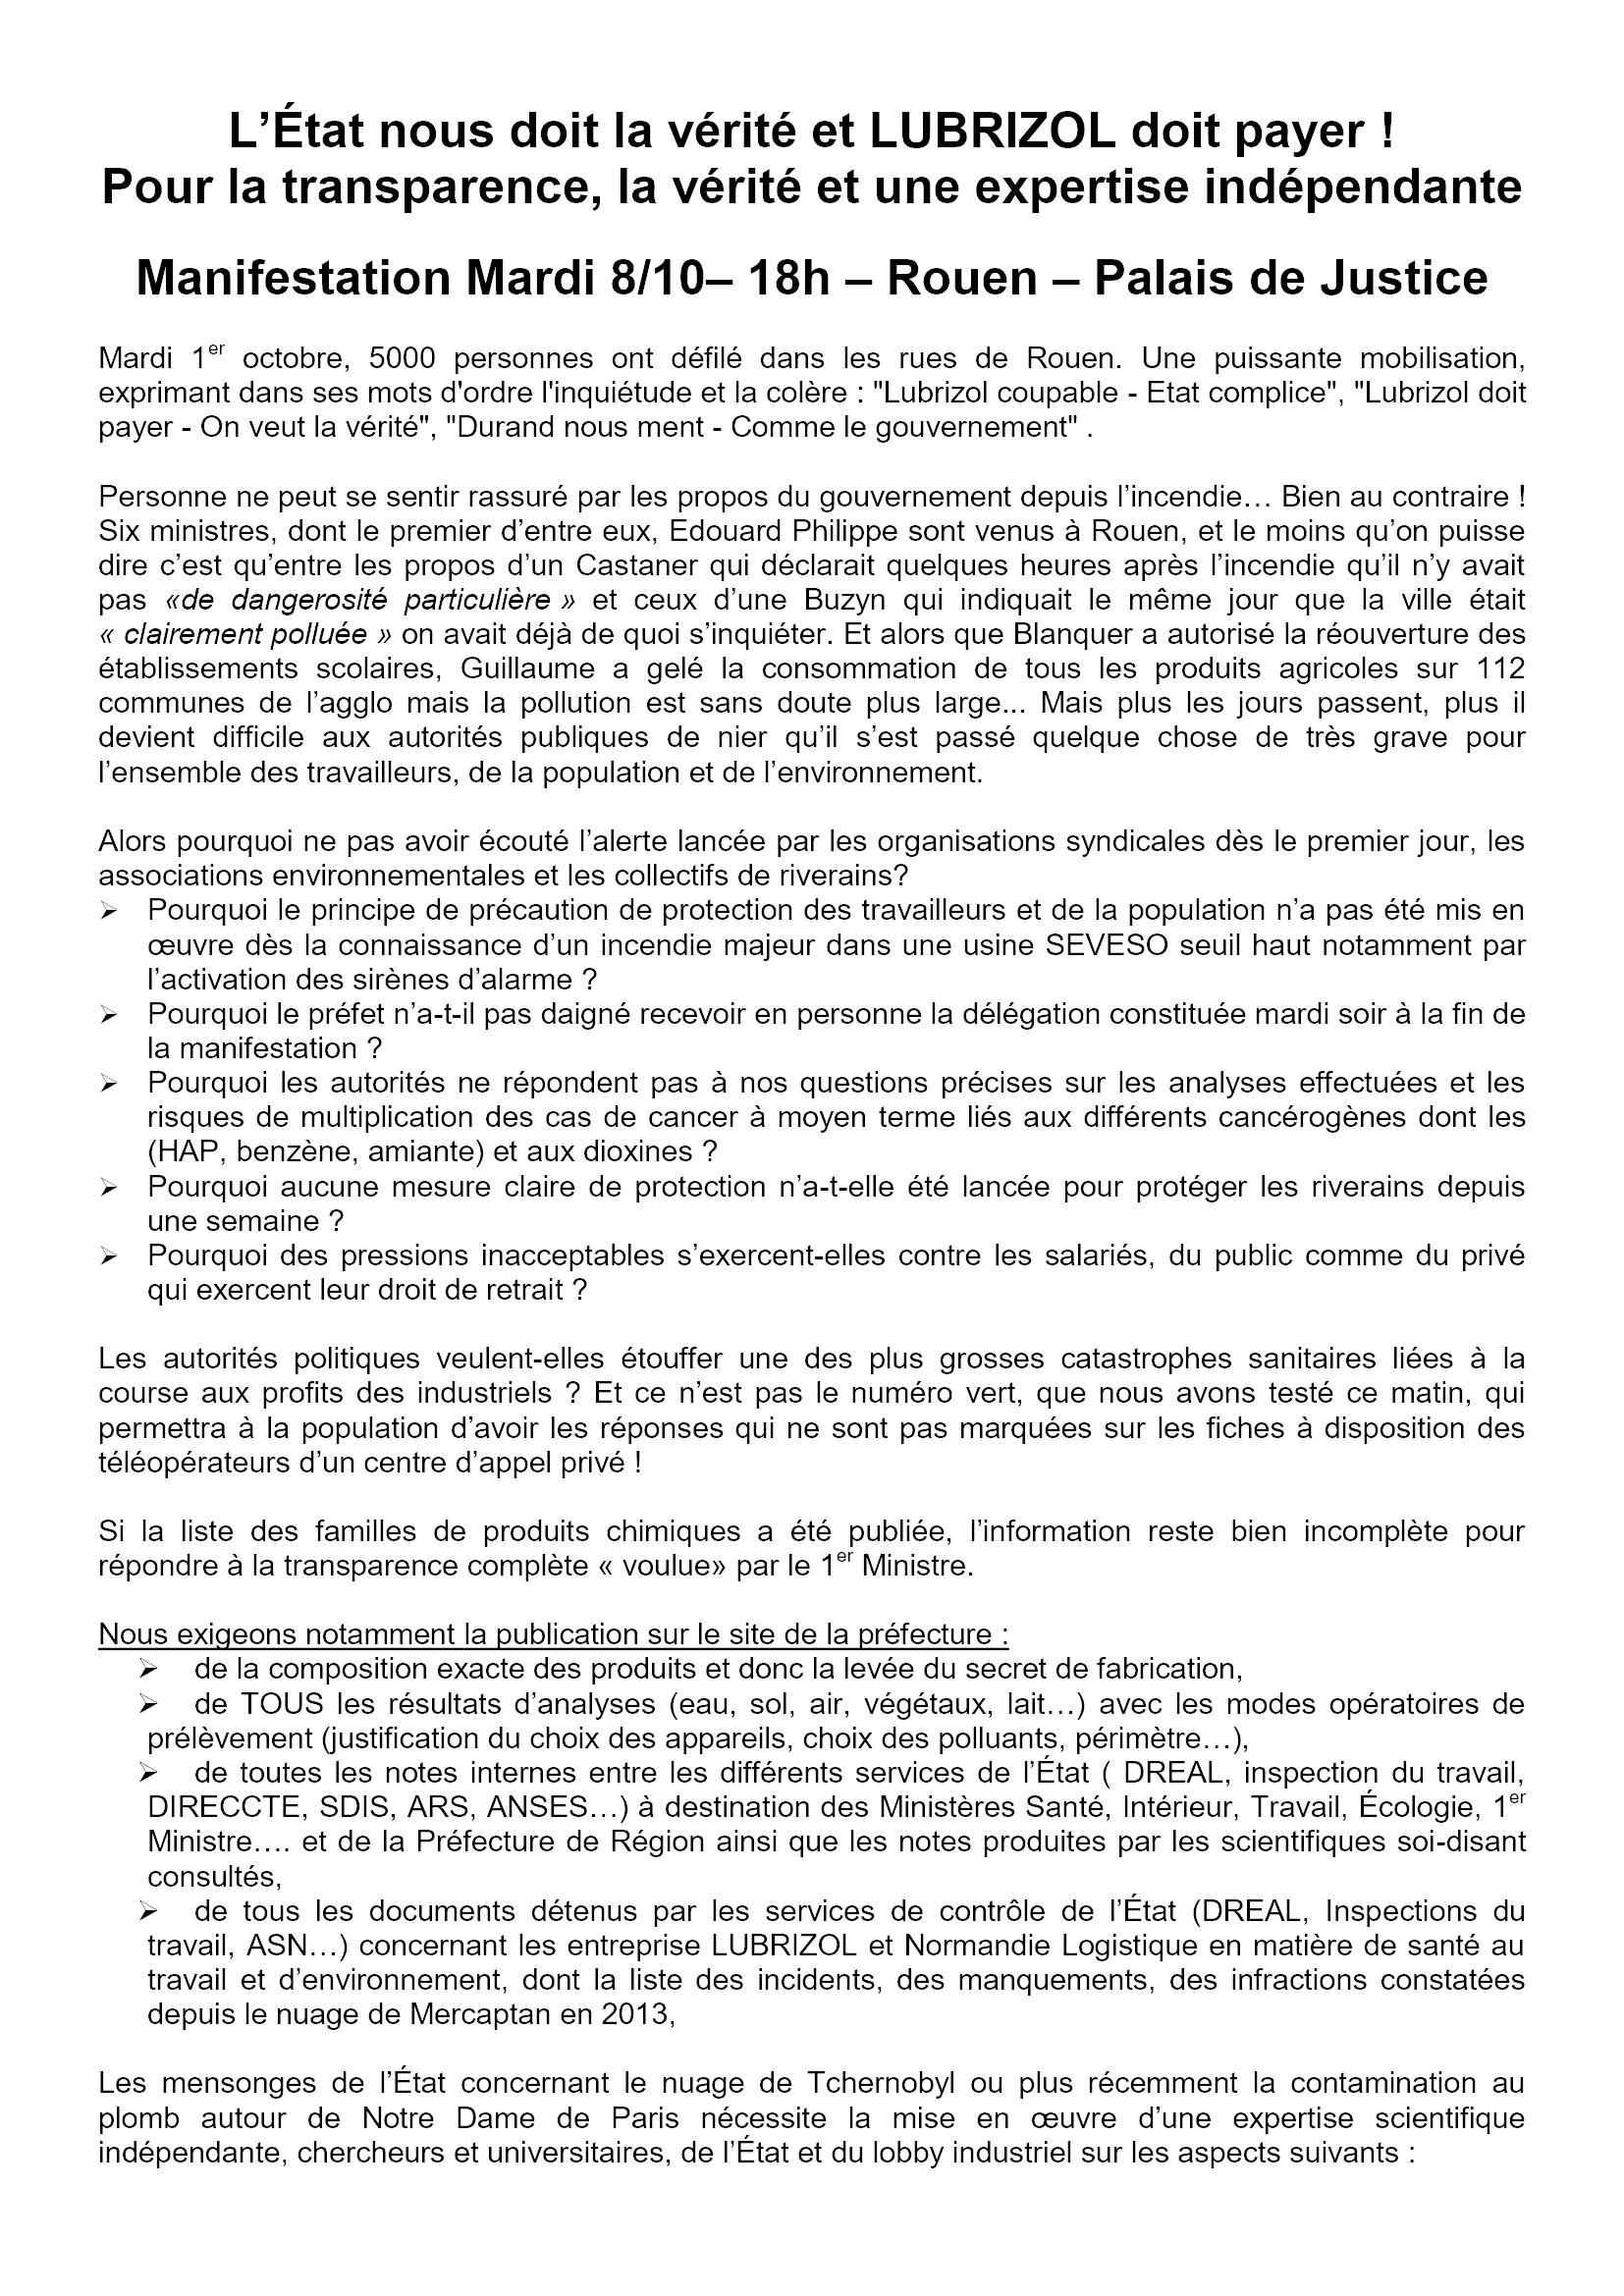 Nouvel appel à manifestation unitaire Lubrizol le 08-10-2019 [Recto]